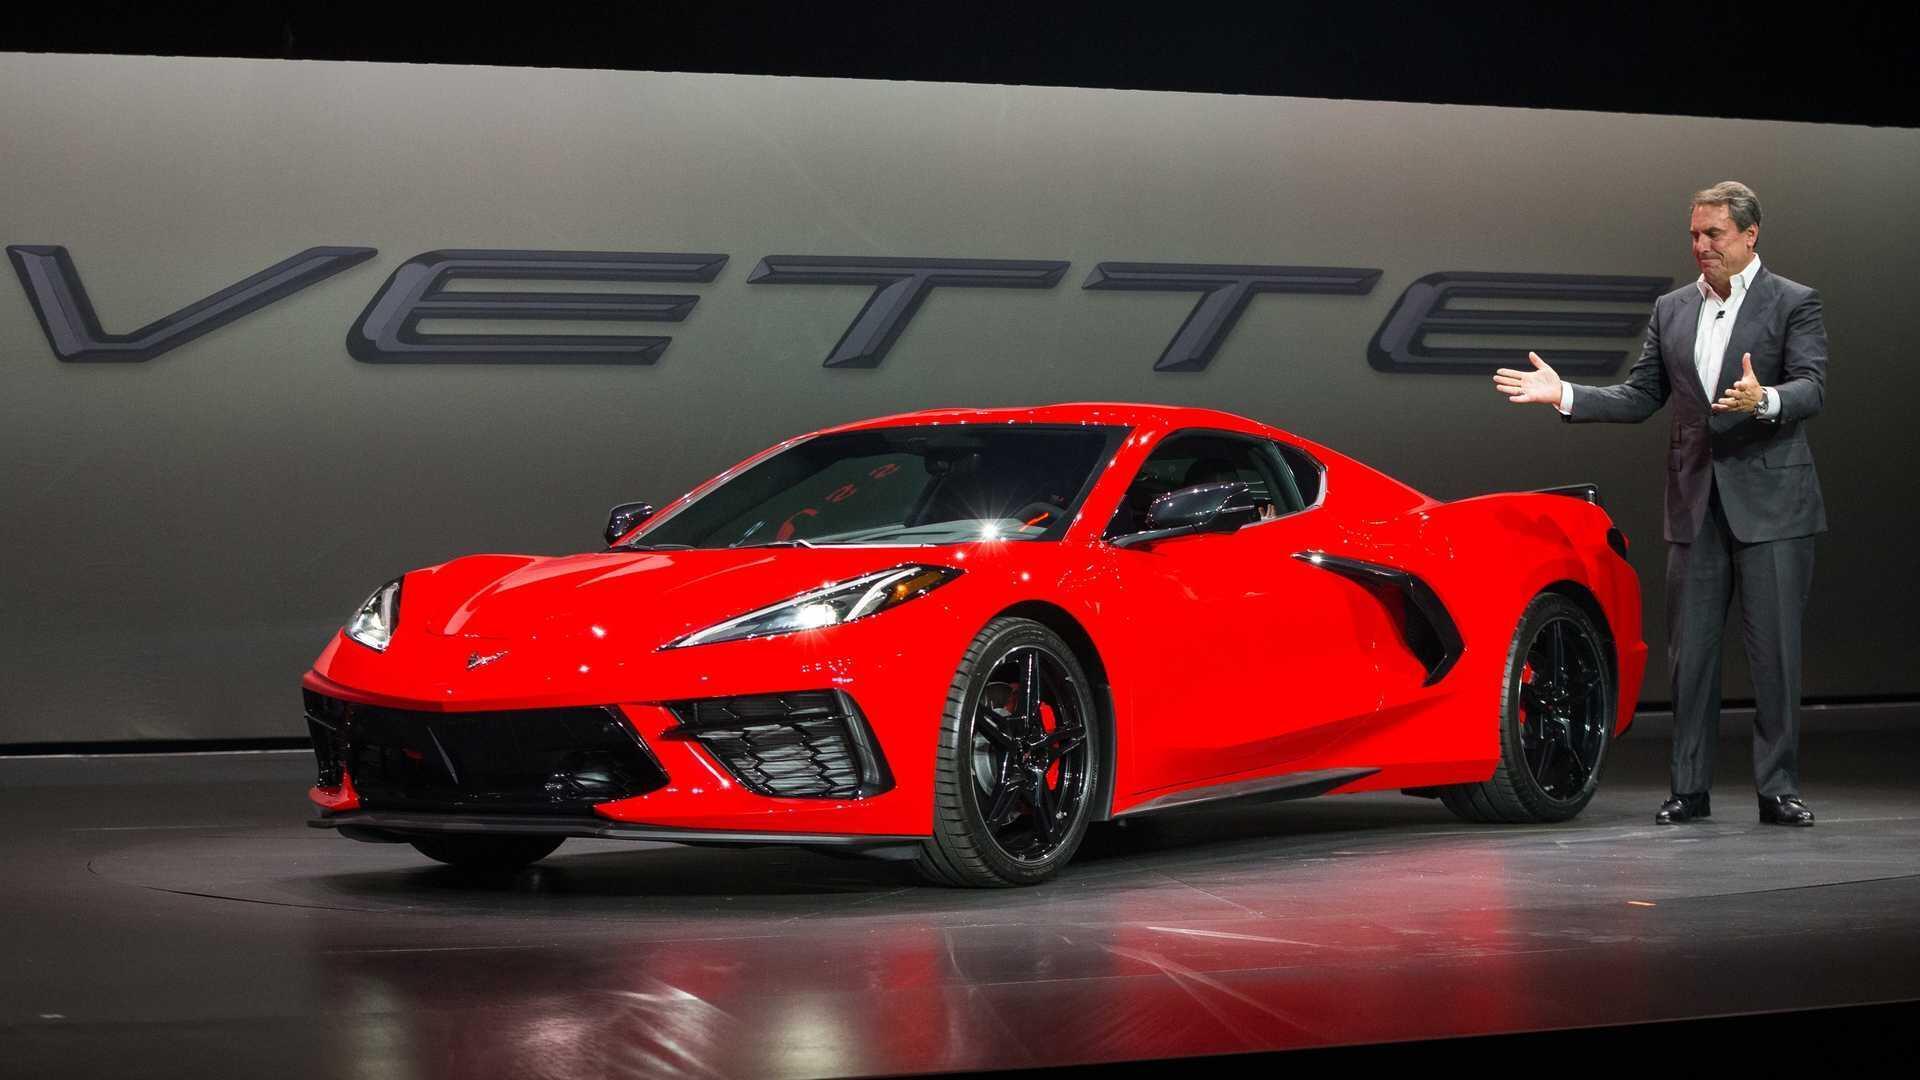 https://cdn.dailyxe.com.vn/image/chevrolet-corvette-2020-co-mot-so-tinh-nang-an-tuyet-voi-15-94517j2.jpg